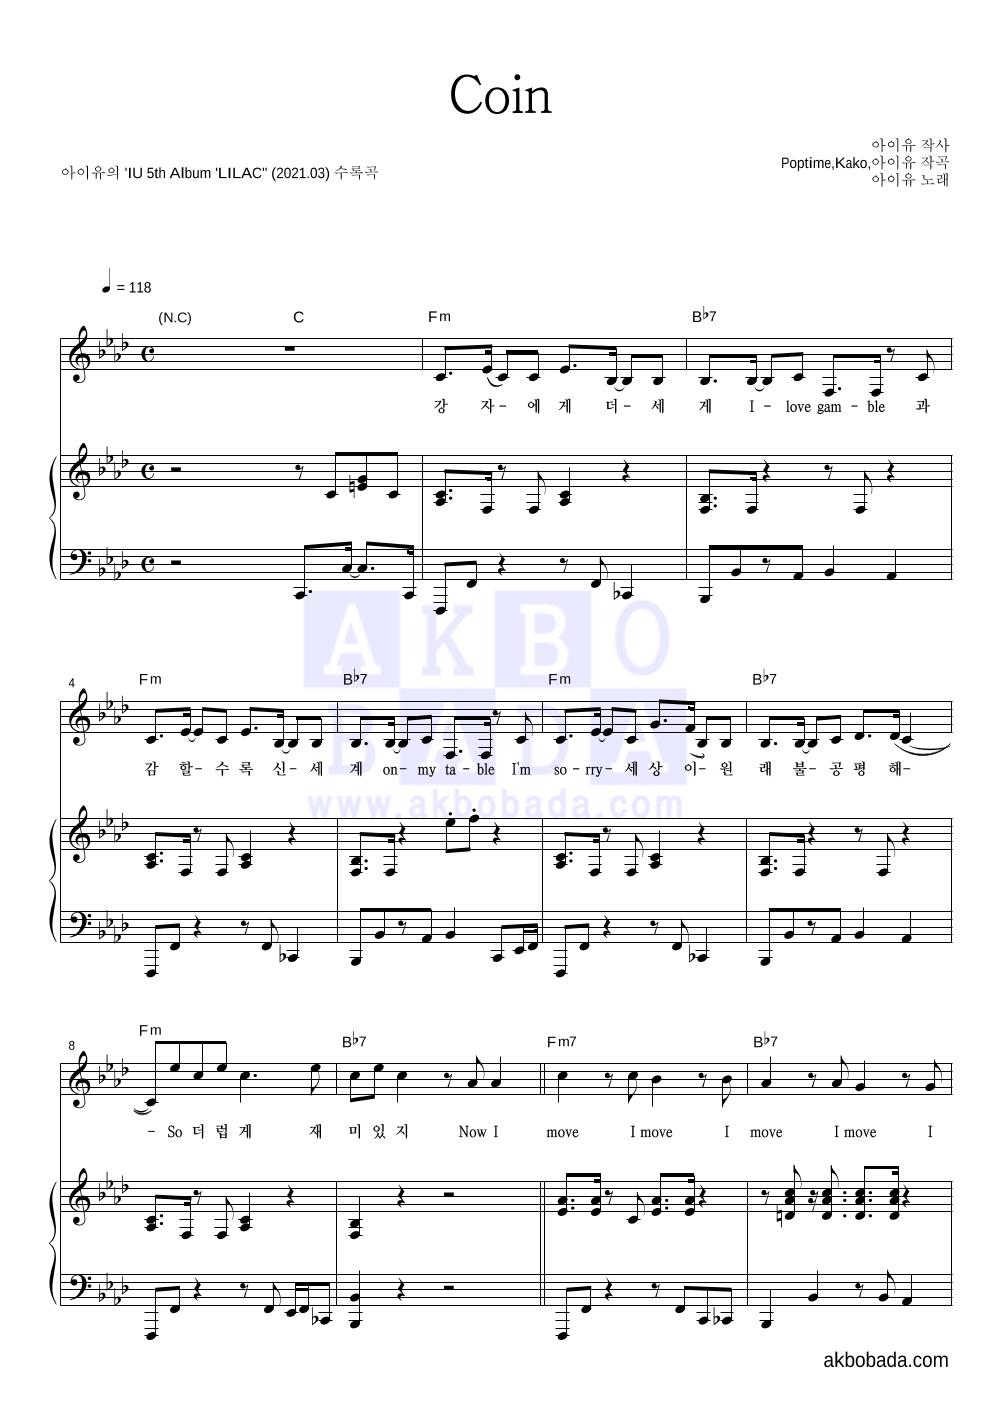 아이유 - Coin 피아노 3단 악보